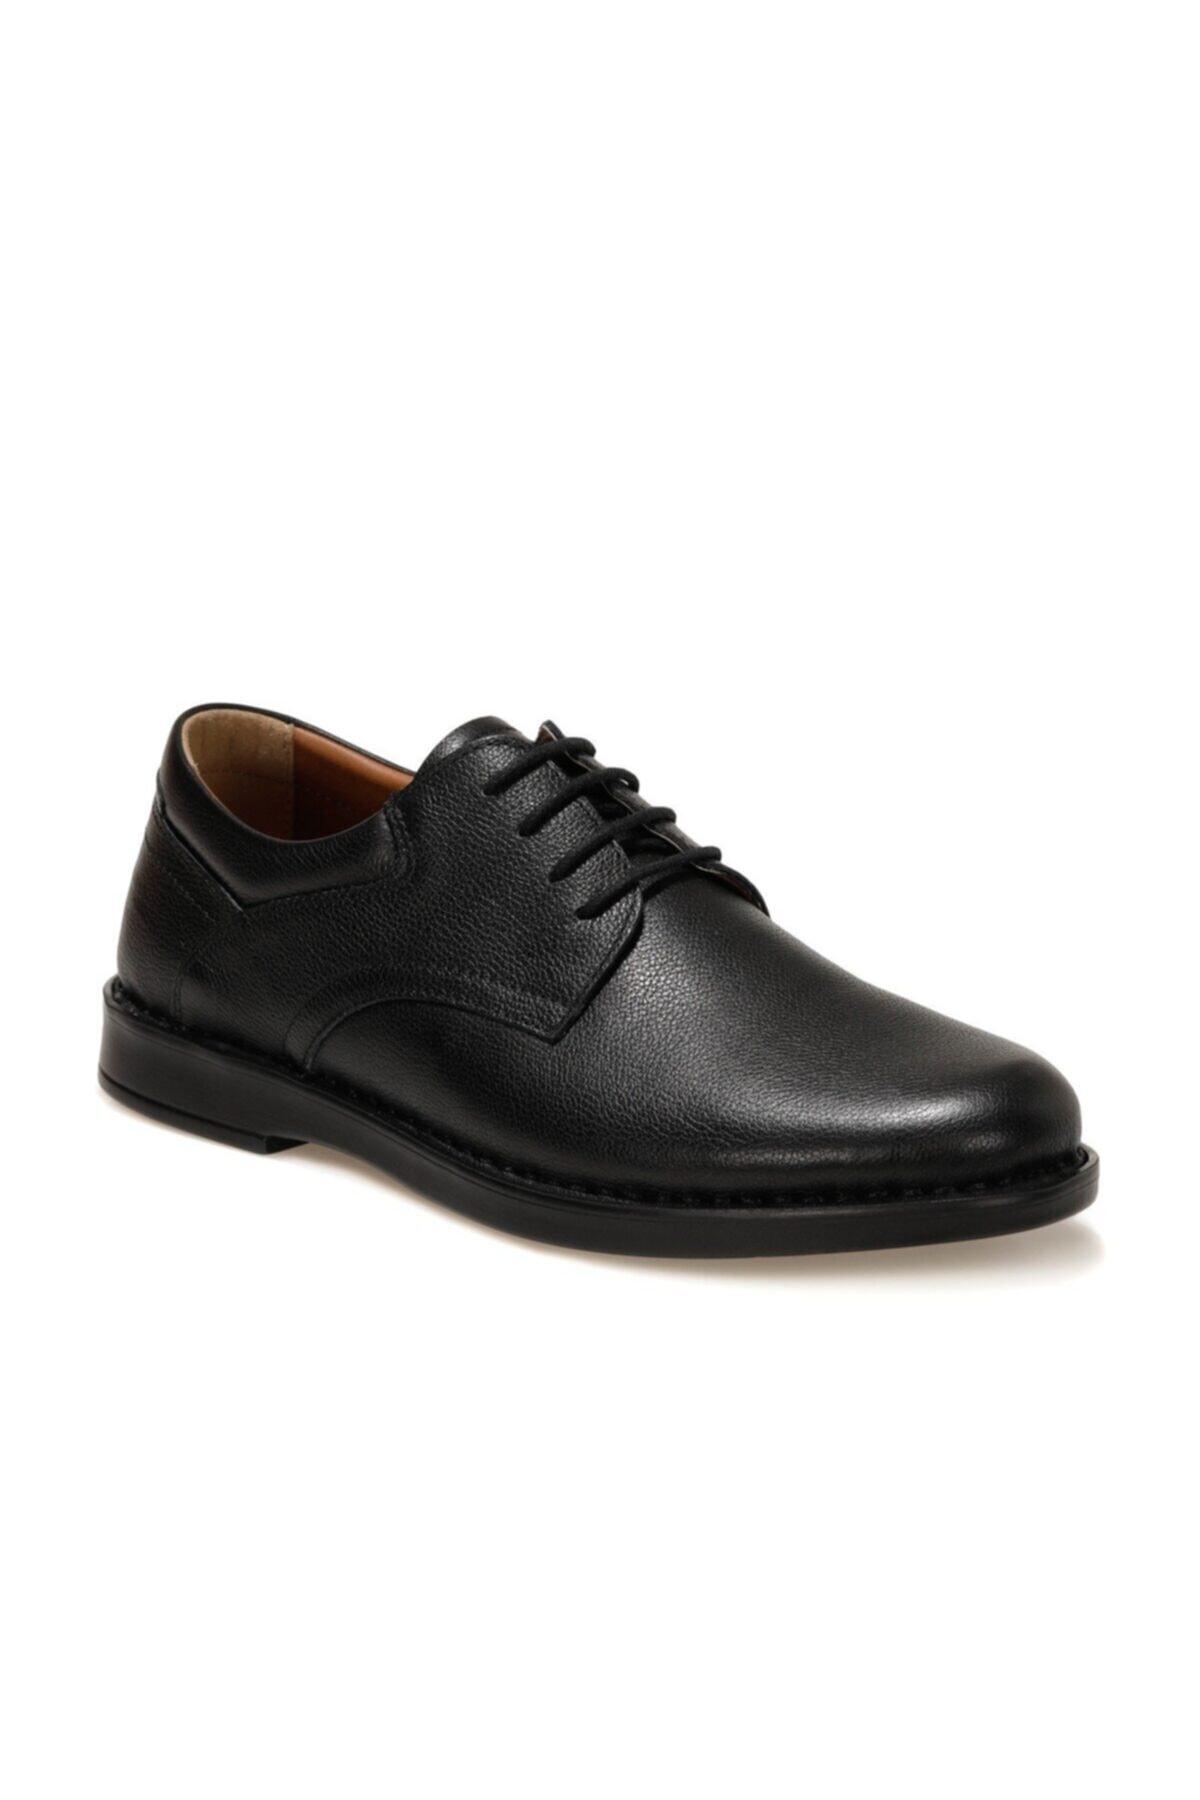 102191.m1fx Siyah Erkek Comfort Ayakkabı